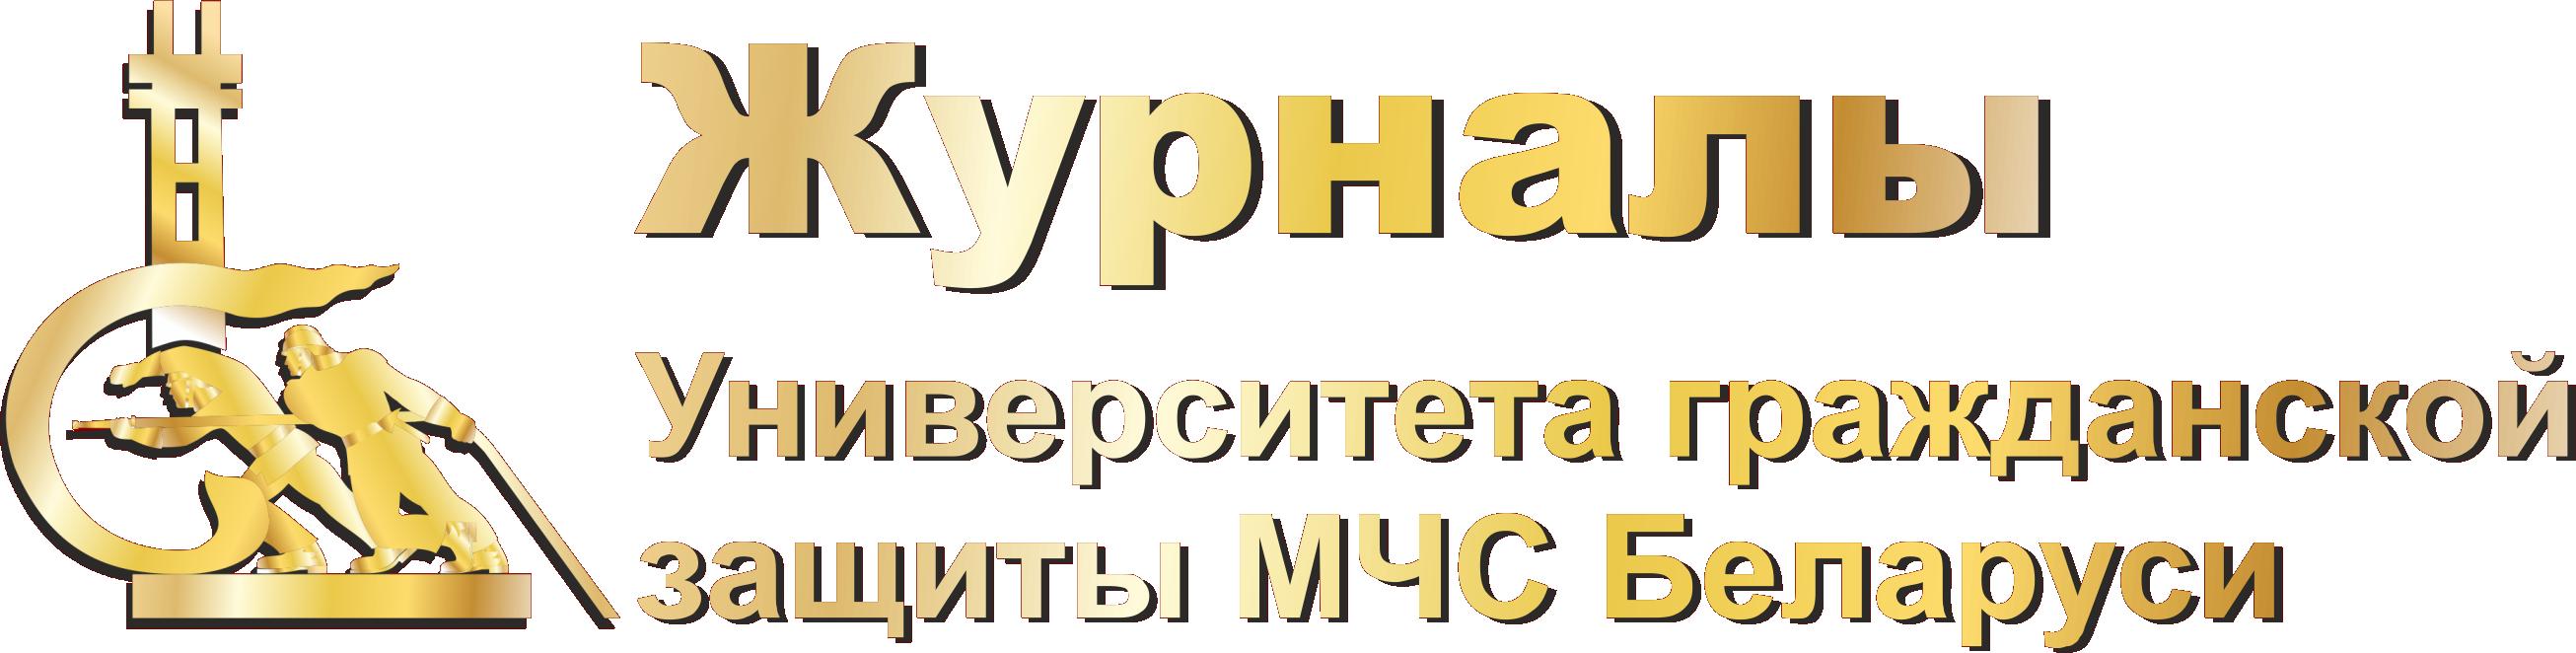 Журналы Университета гражданской защиты МЧС Беларуси